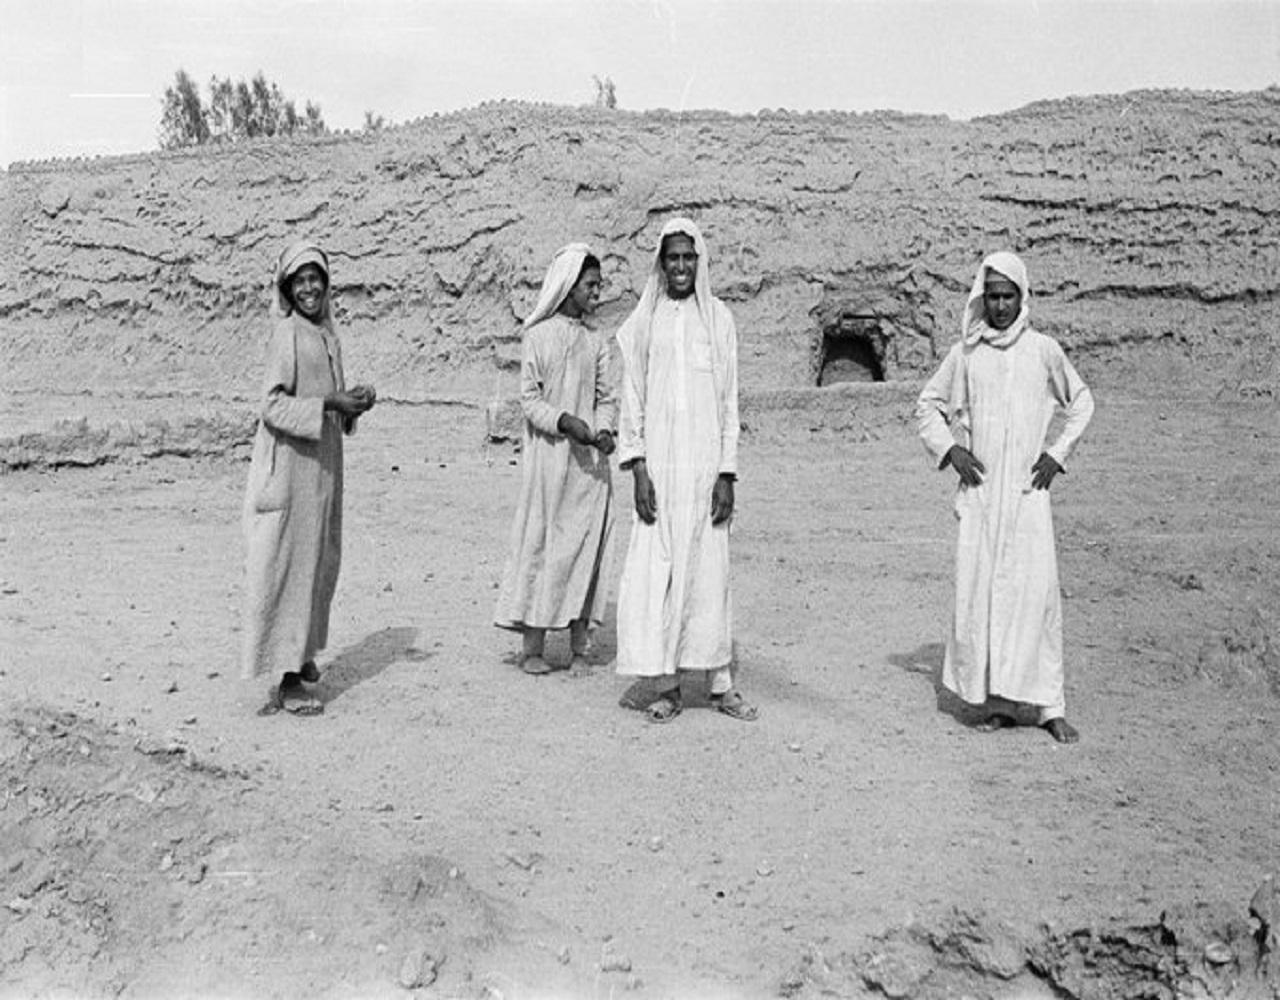 صورة لطفلين ورجلين يقفان أمام أسوار محافظة مرات قبل 76 عام